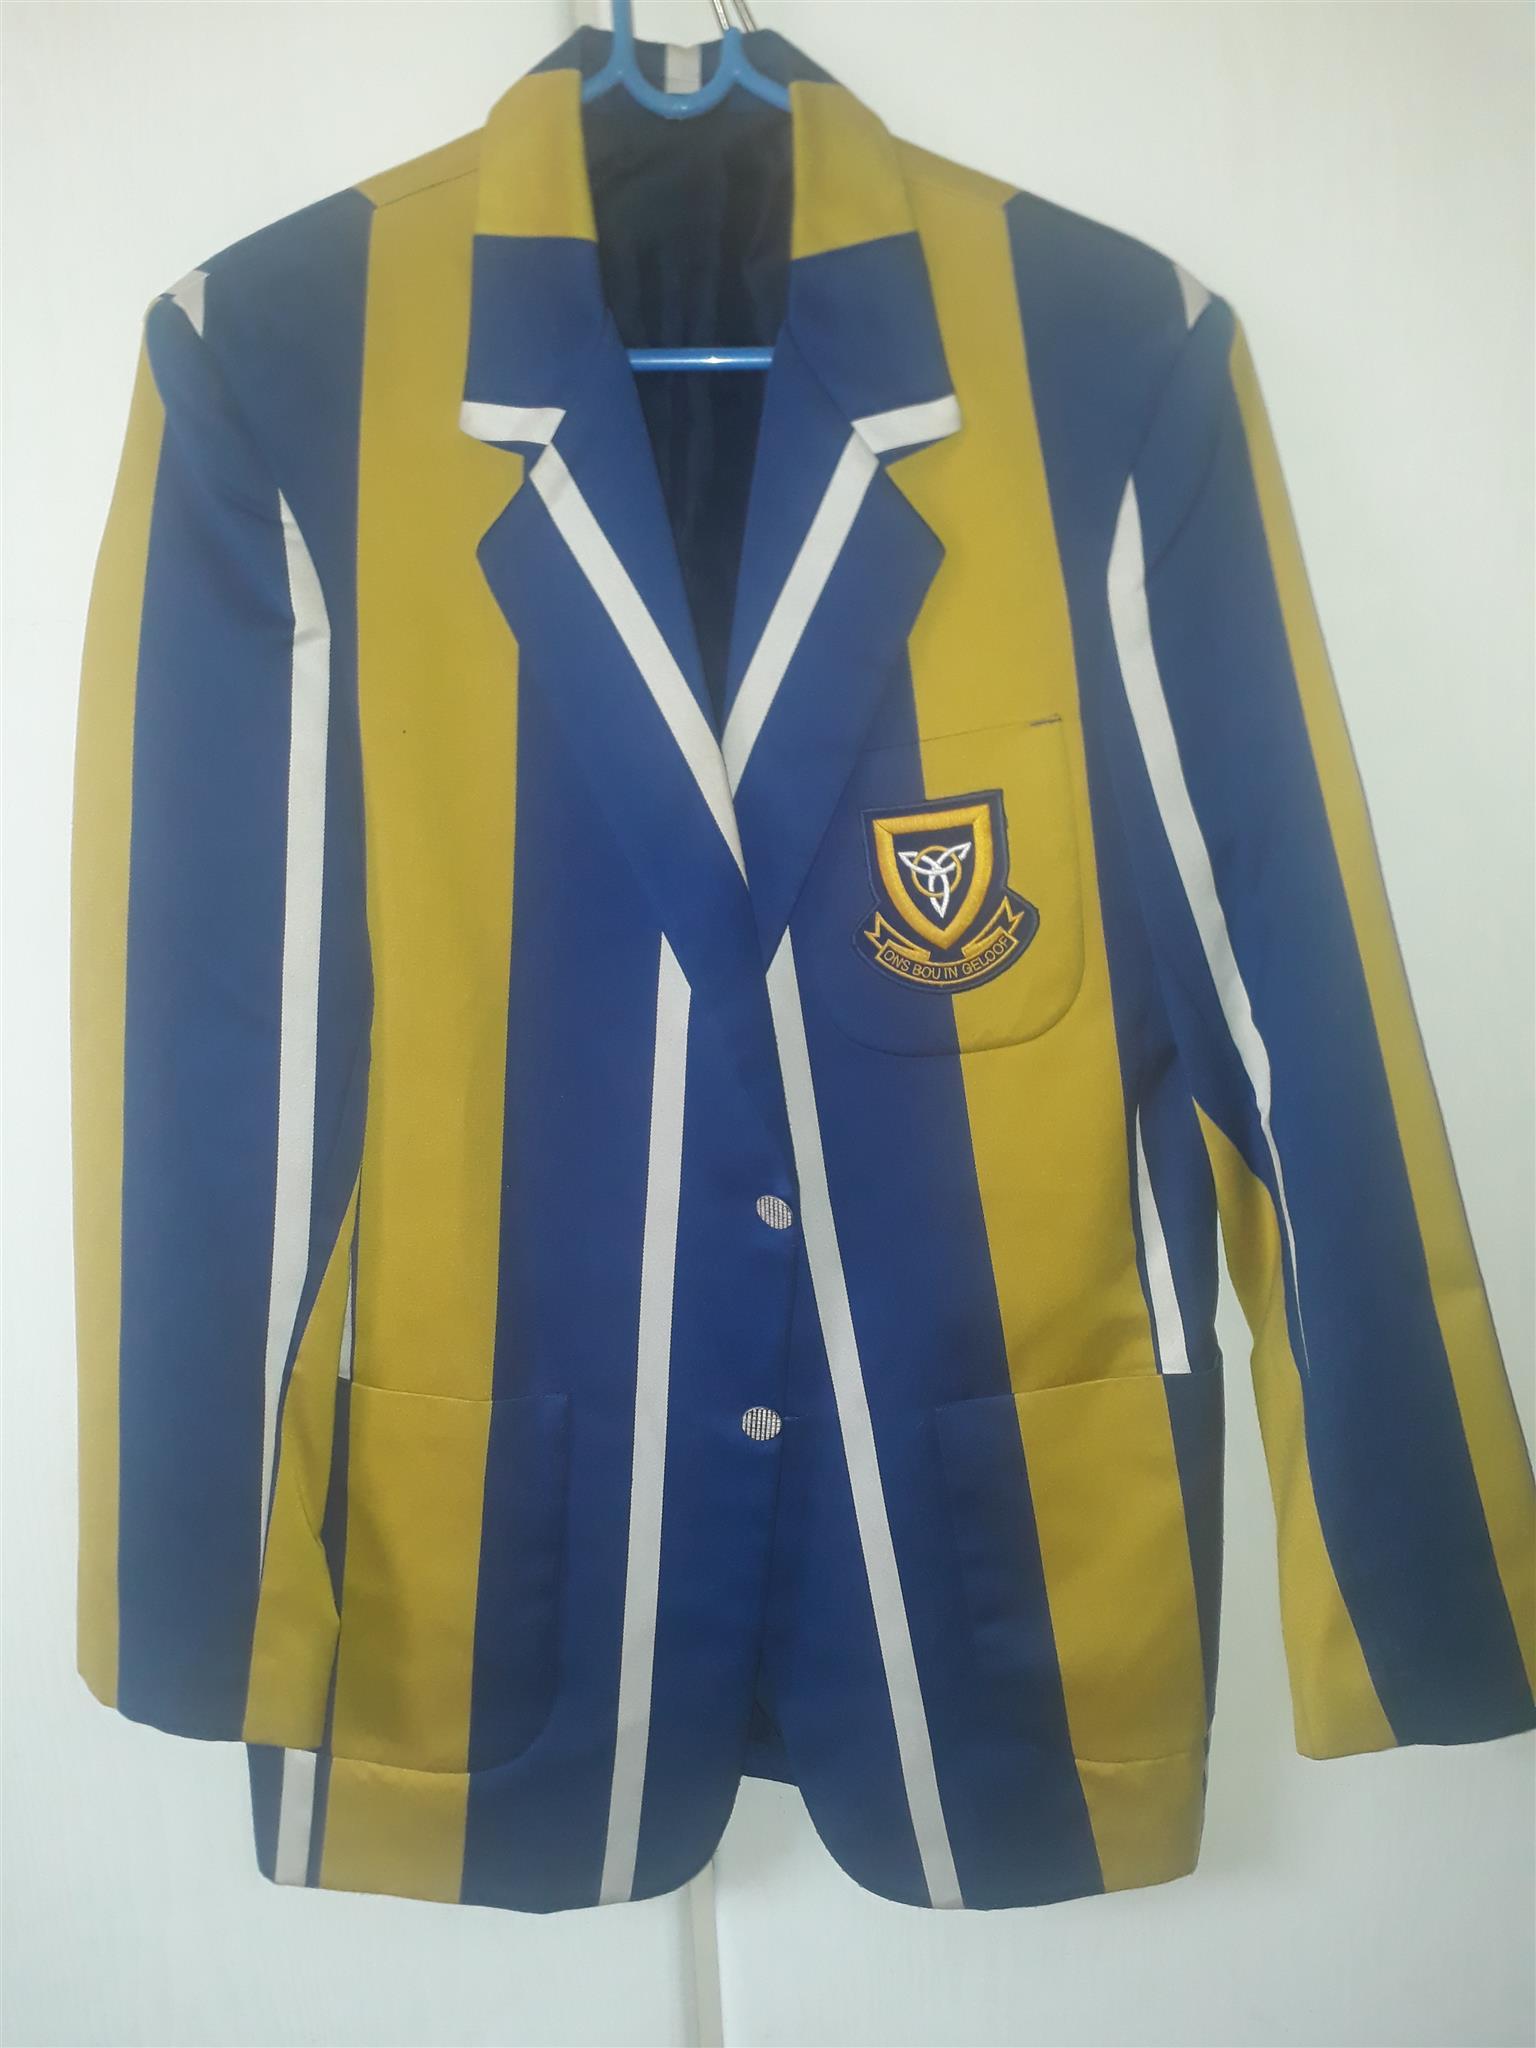 Hoërskool Waterkloof Blazer For Sale / Baadjie Te Koop